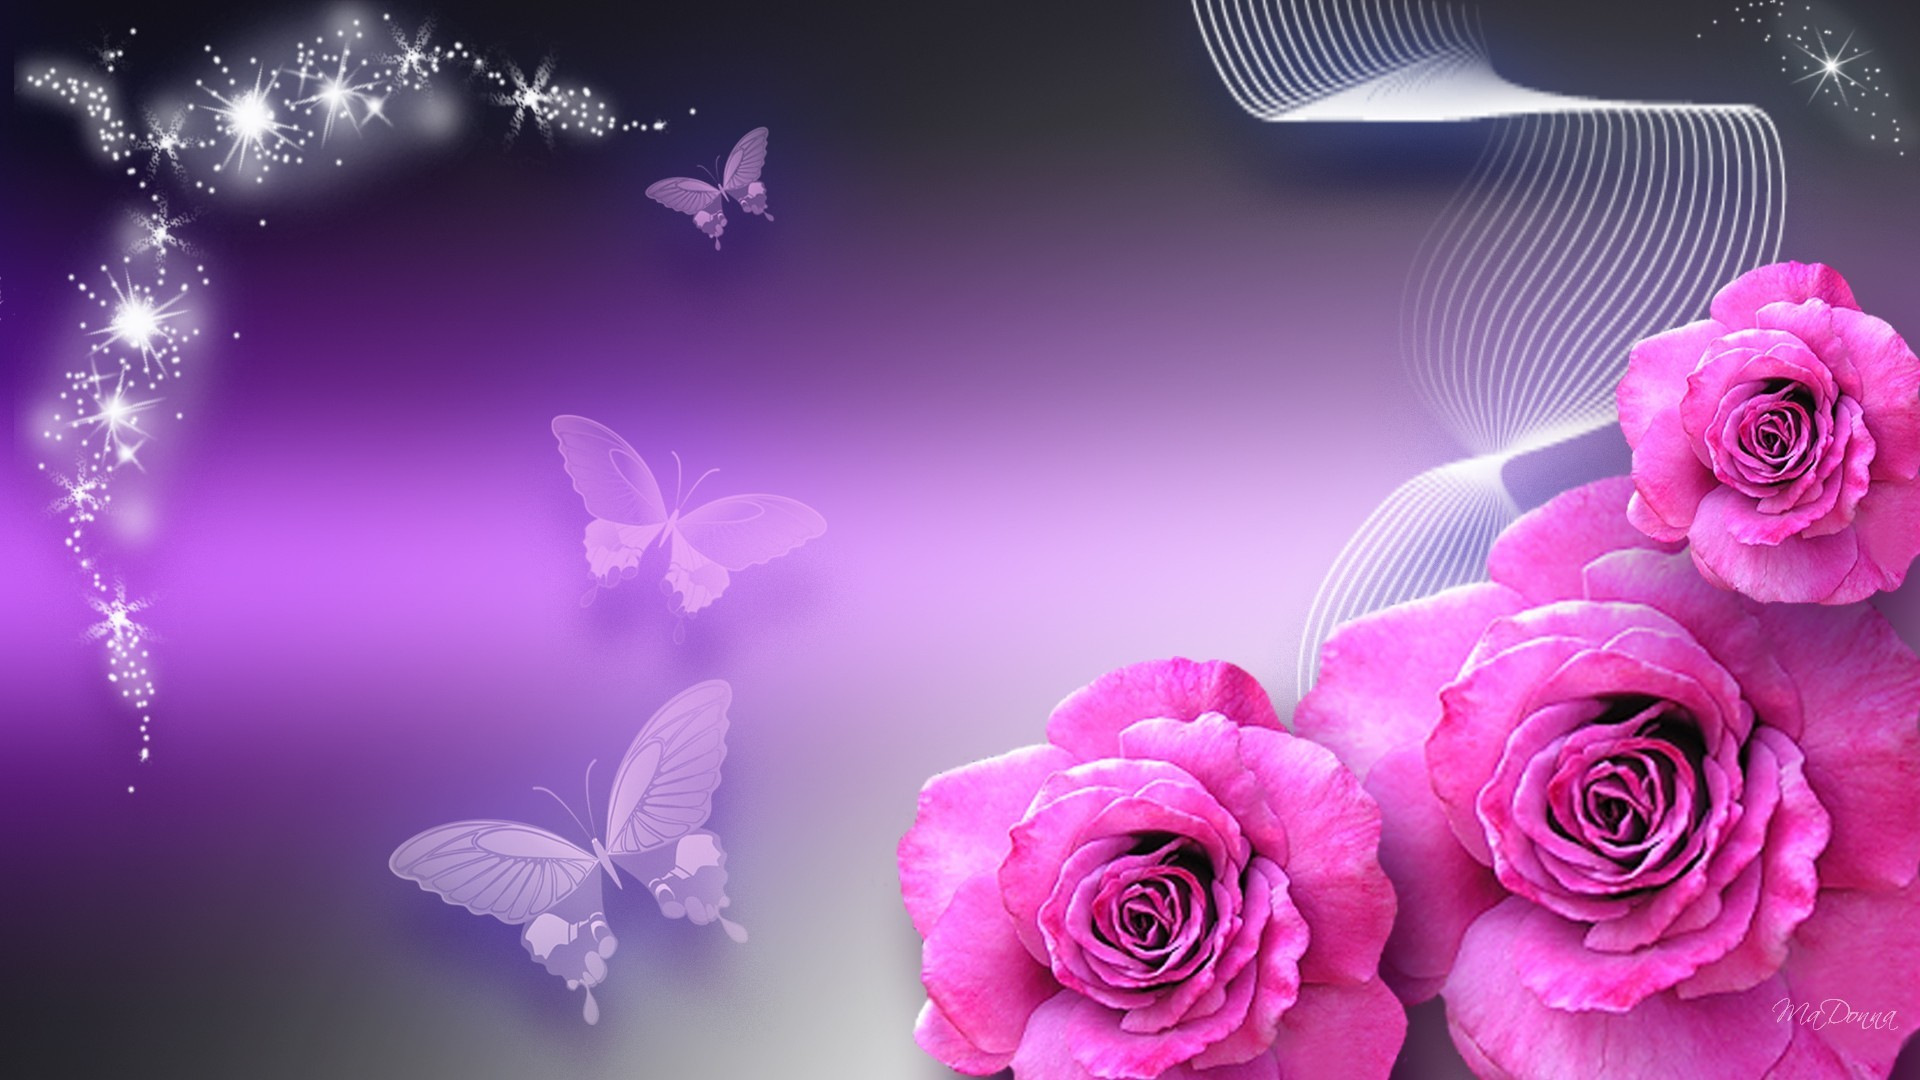 Flowers Pinks Firefox Persona Sparkle Pink Silk Purple Butterflies Summer  Roses Stars New Flower Desktop Wallpaper – 1920×1080